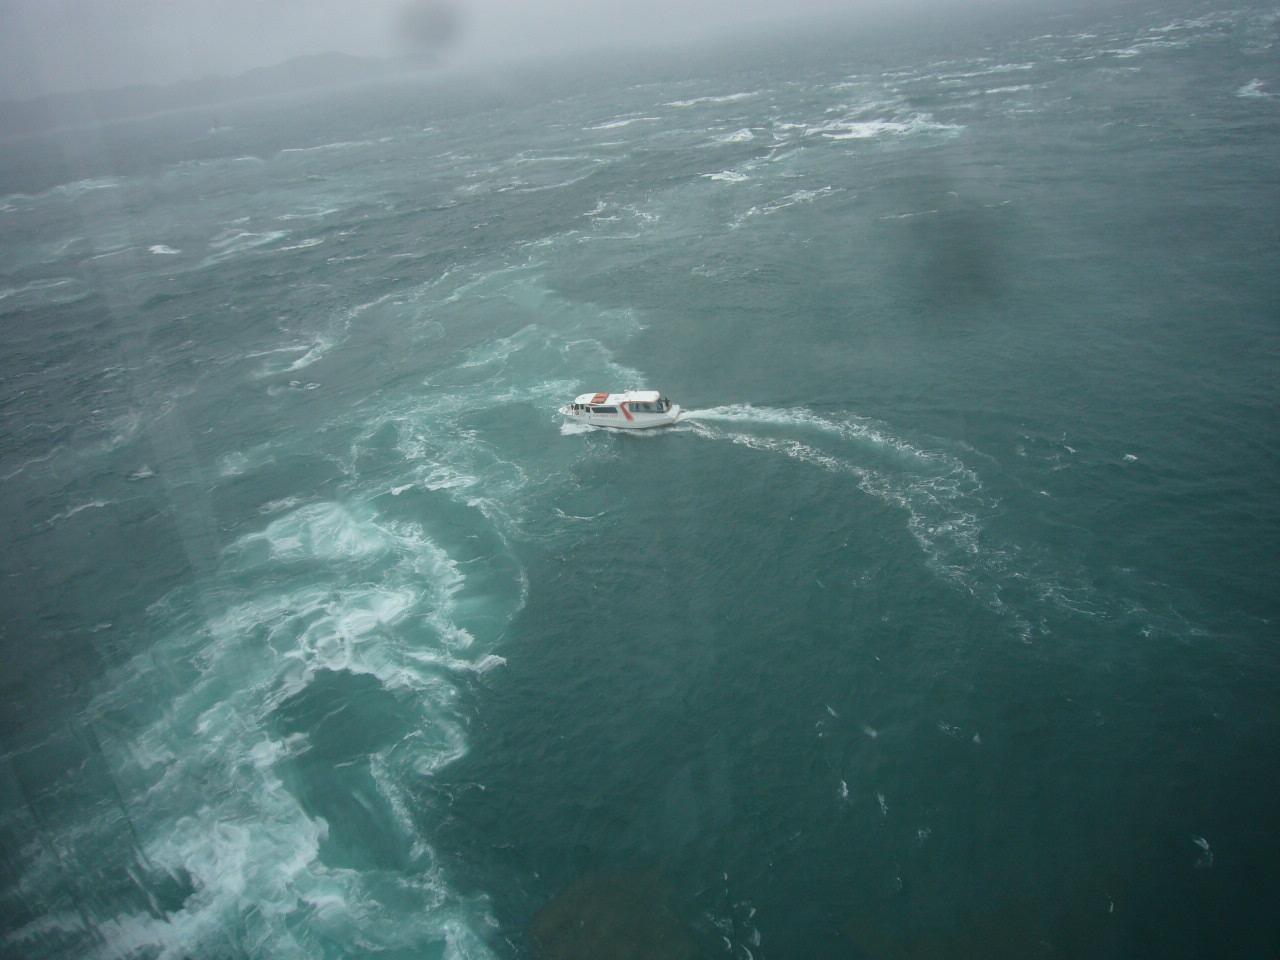 渦潮に向かう小舟H26.4.29撮影